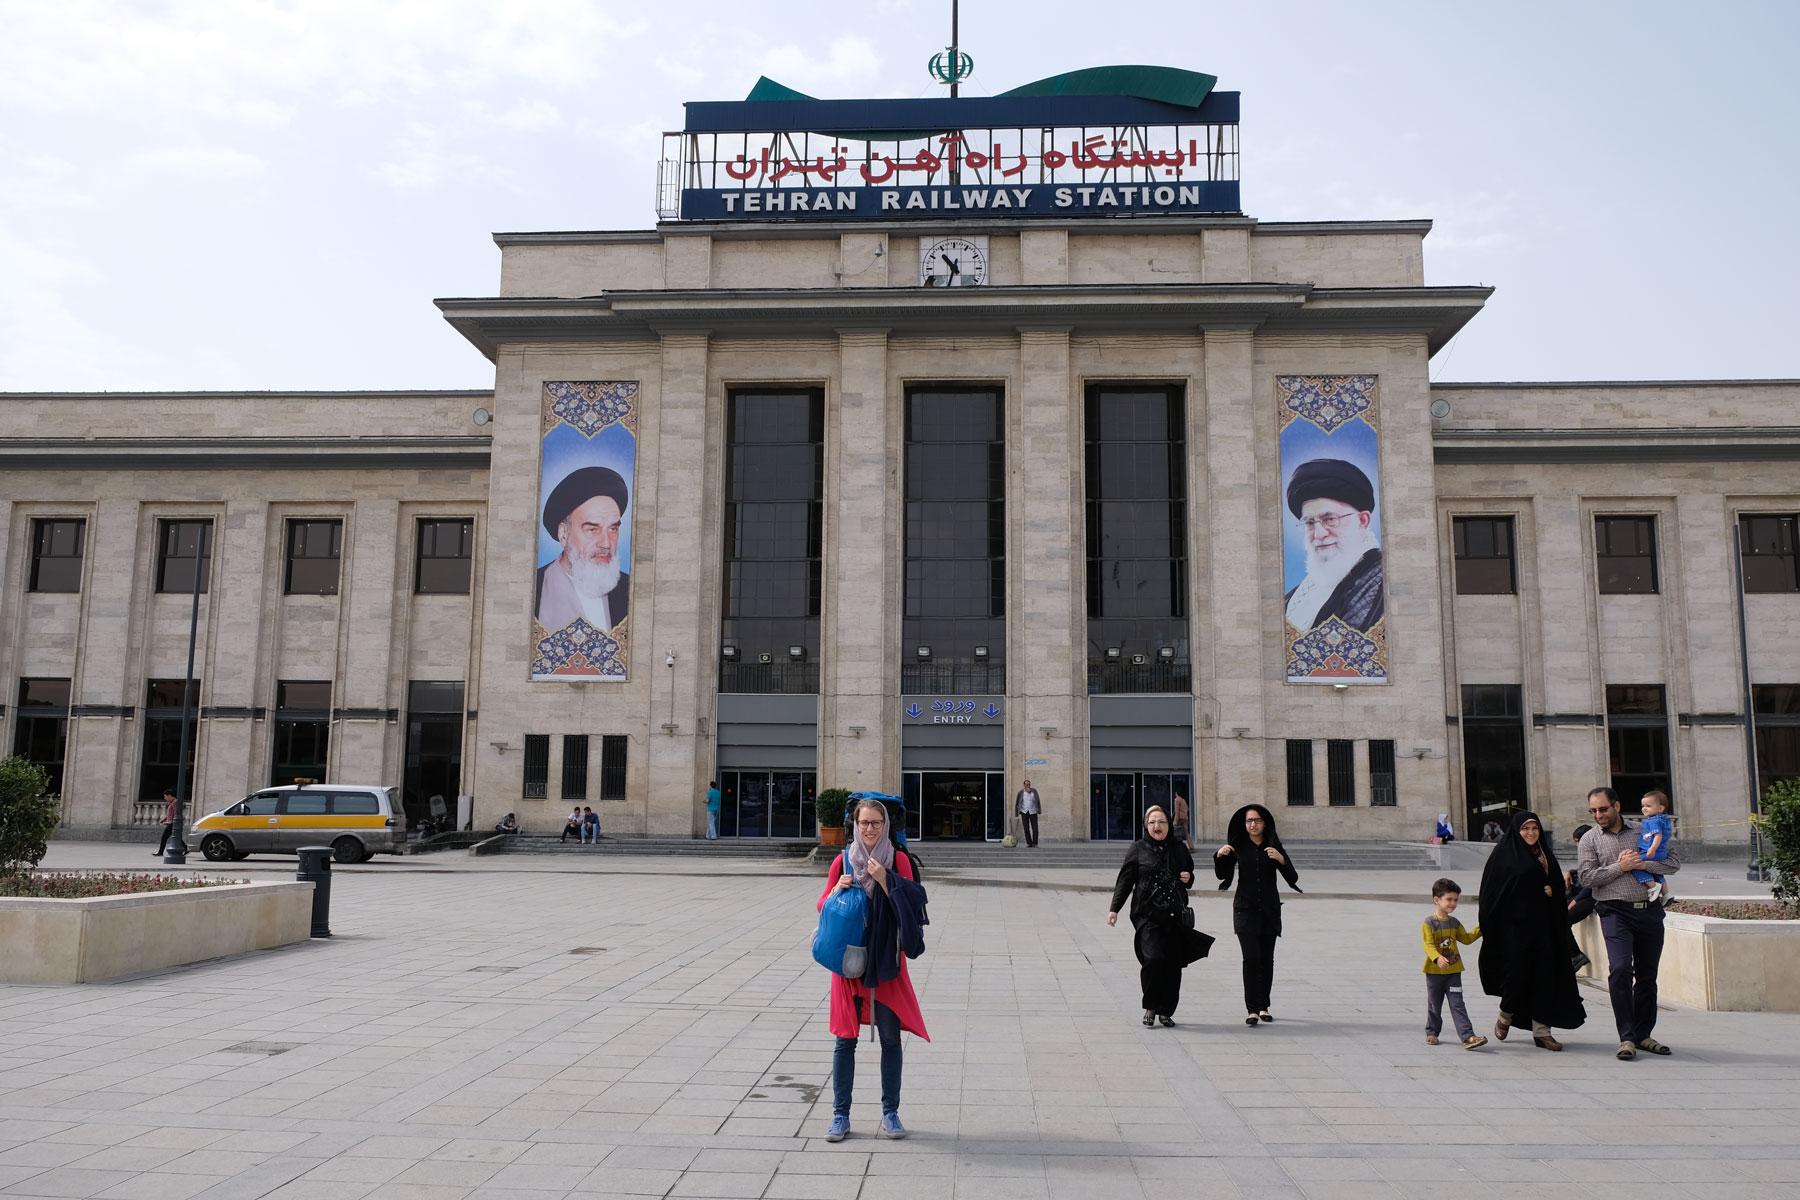 Der Teheraner Hauptbahnhof